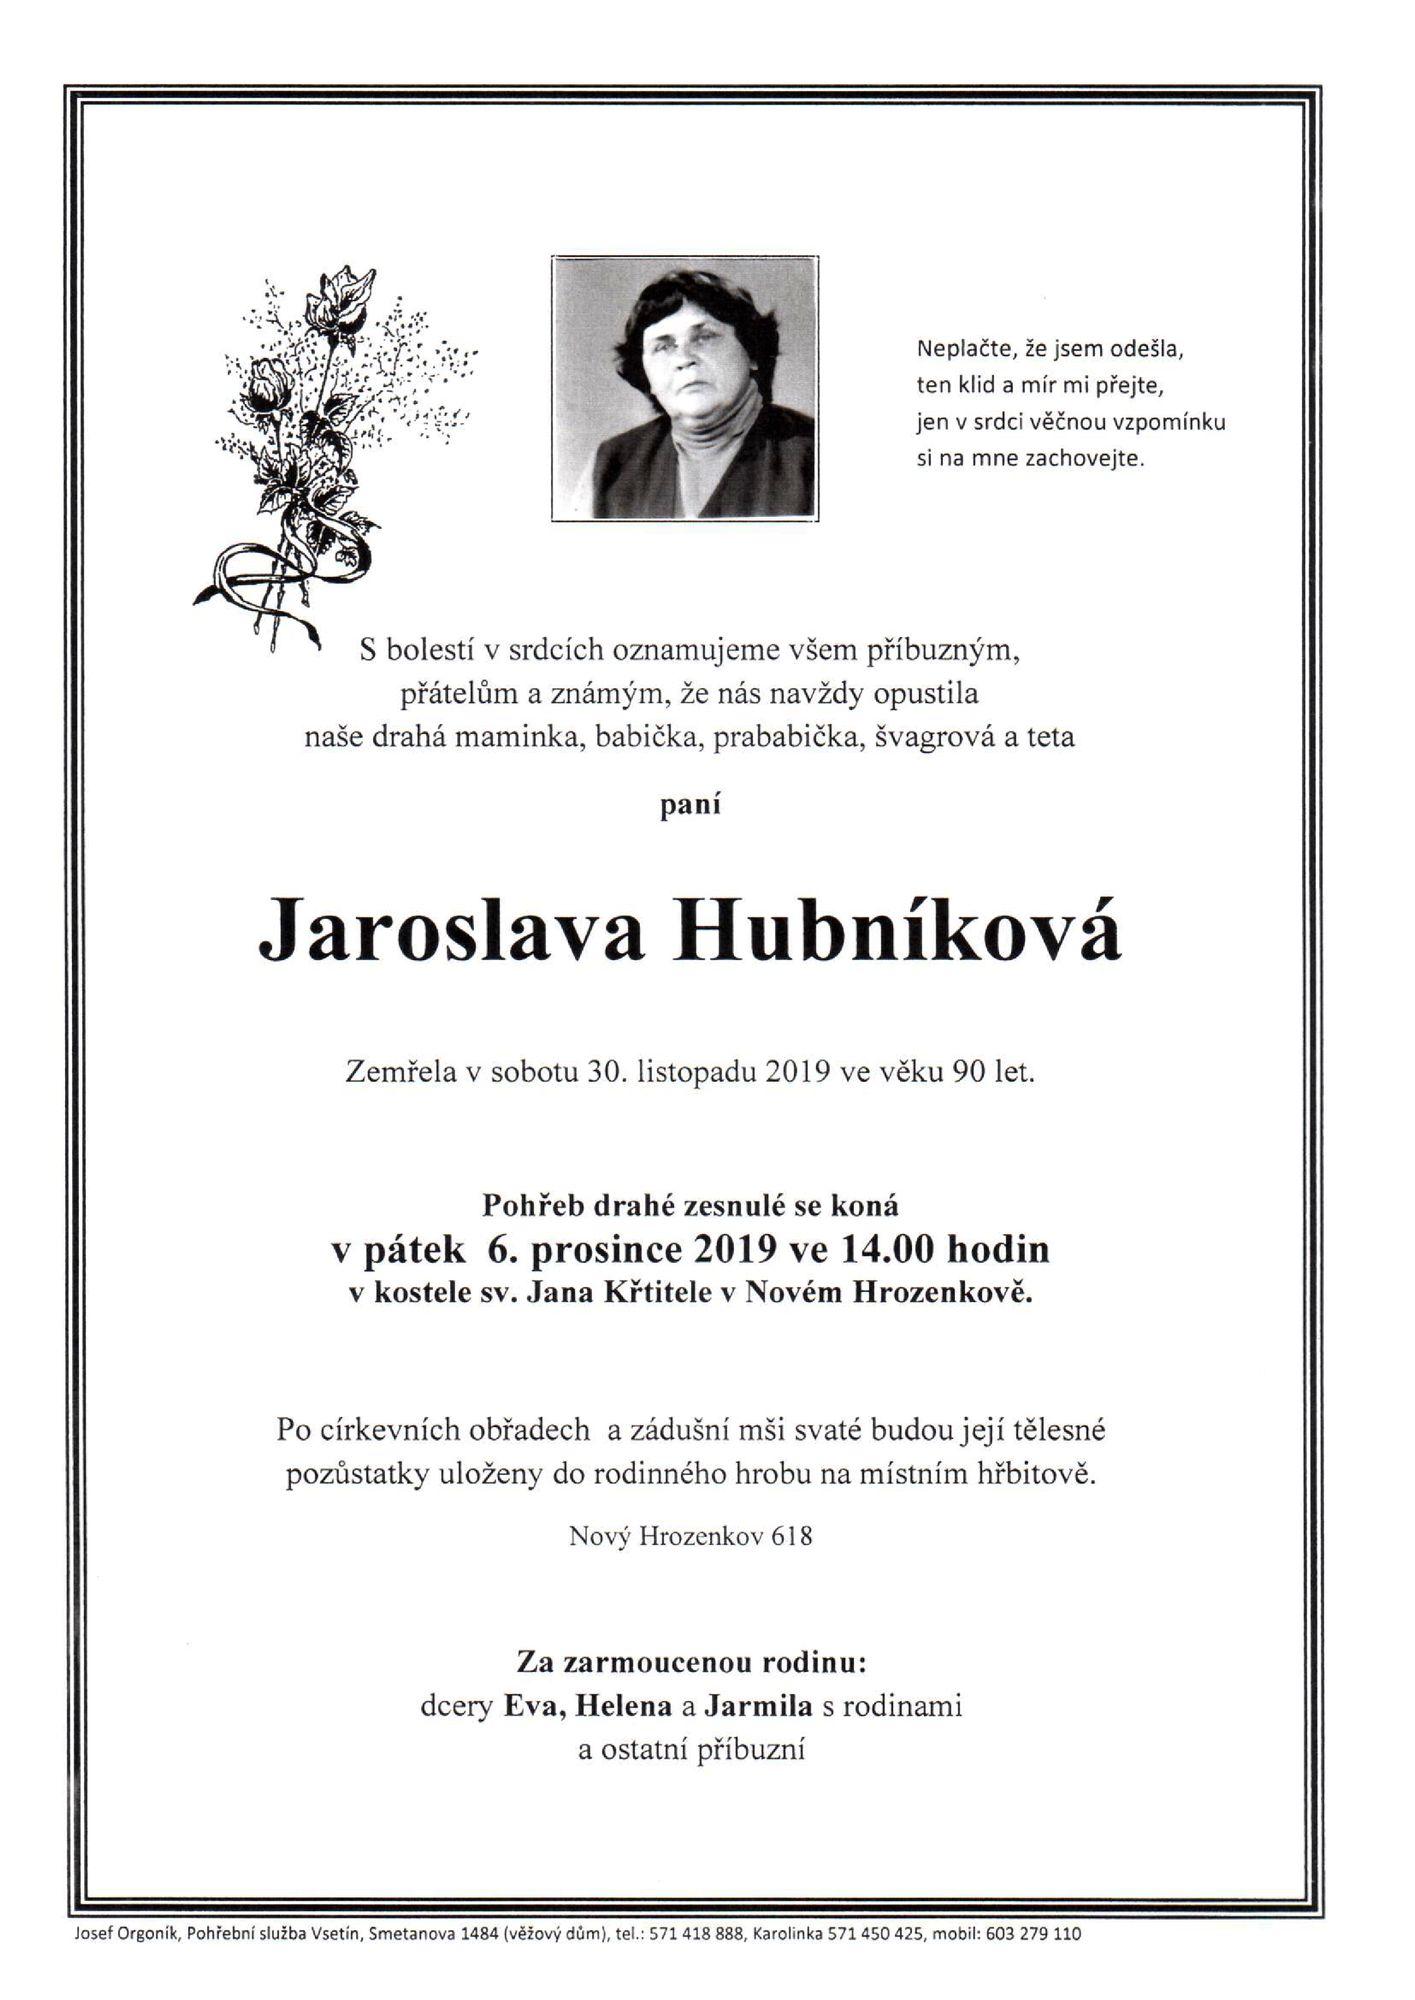 Jaroslava Hubníková